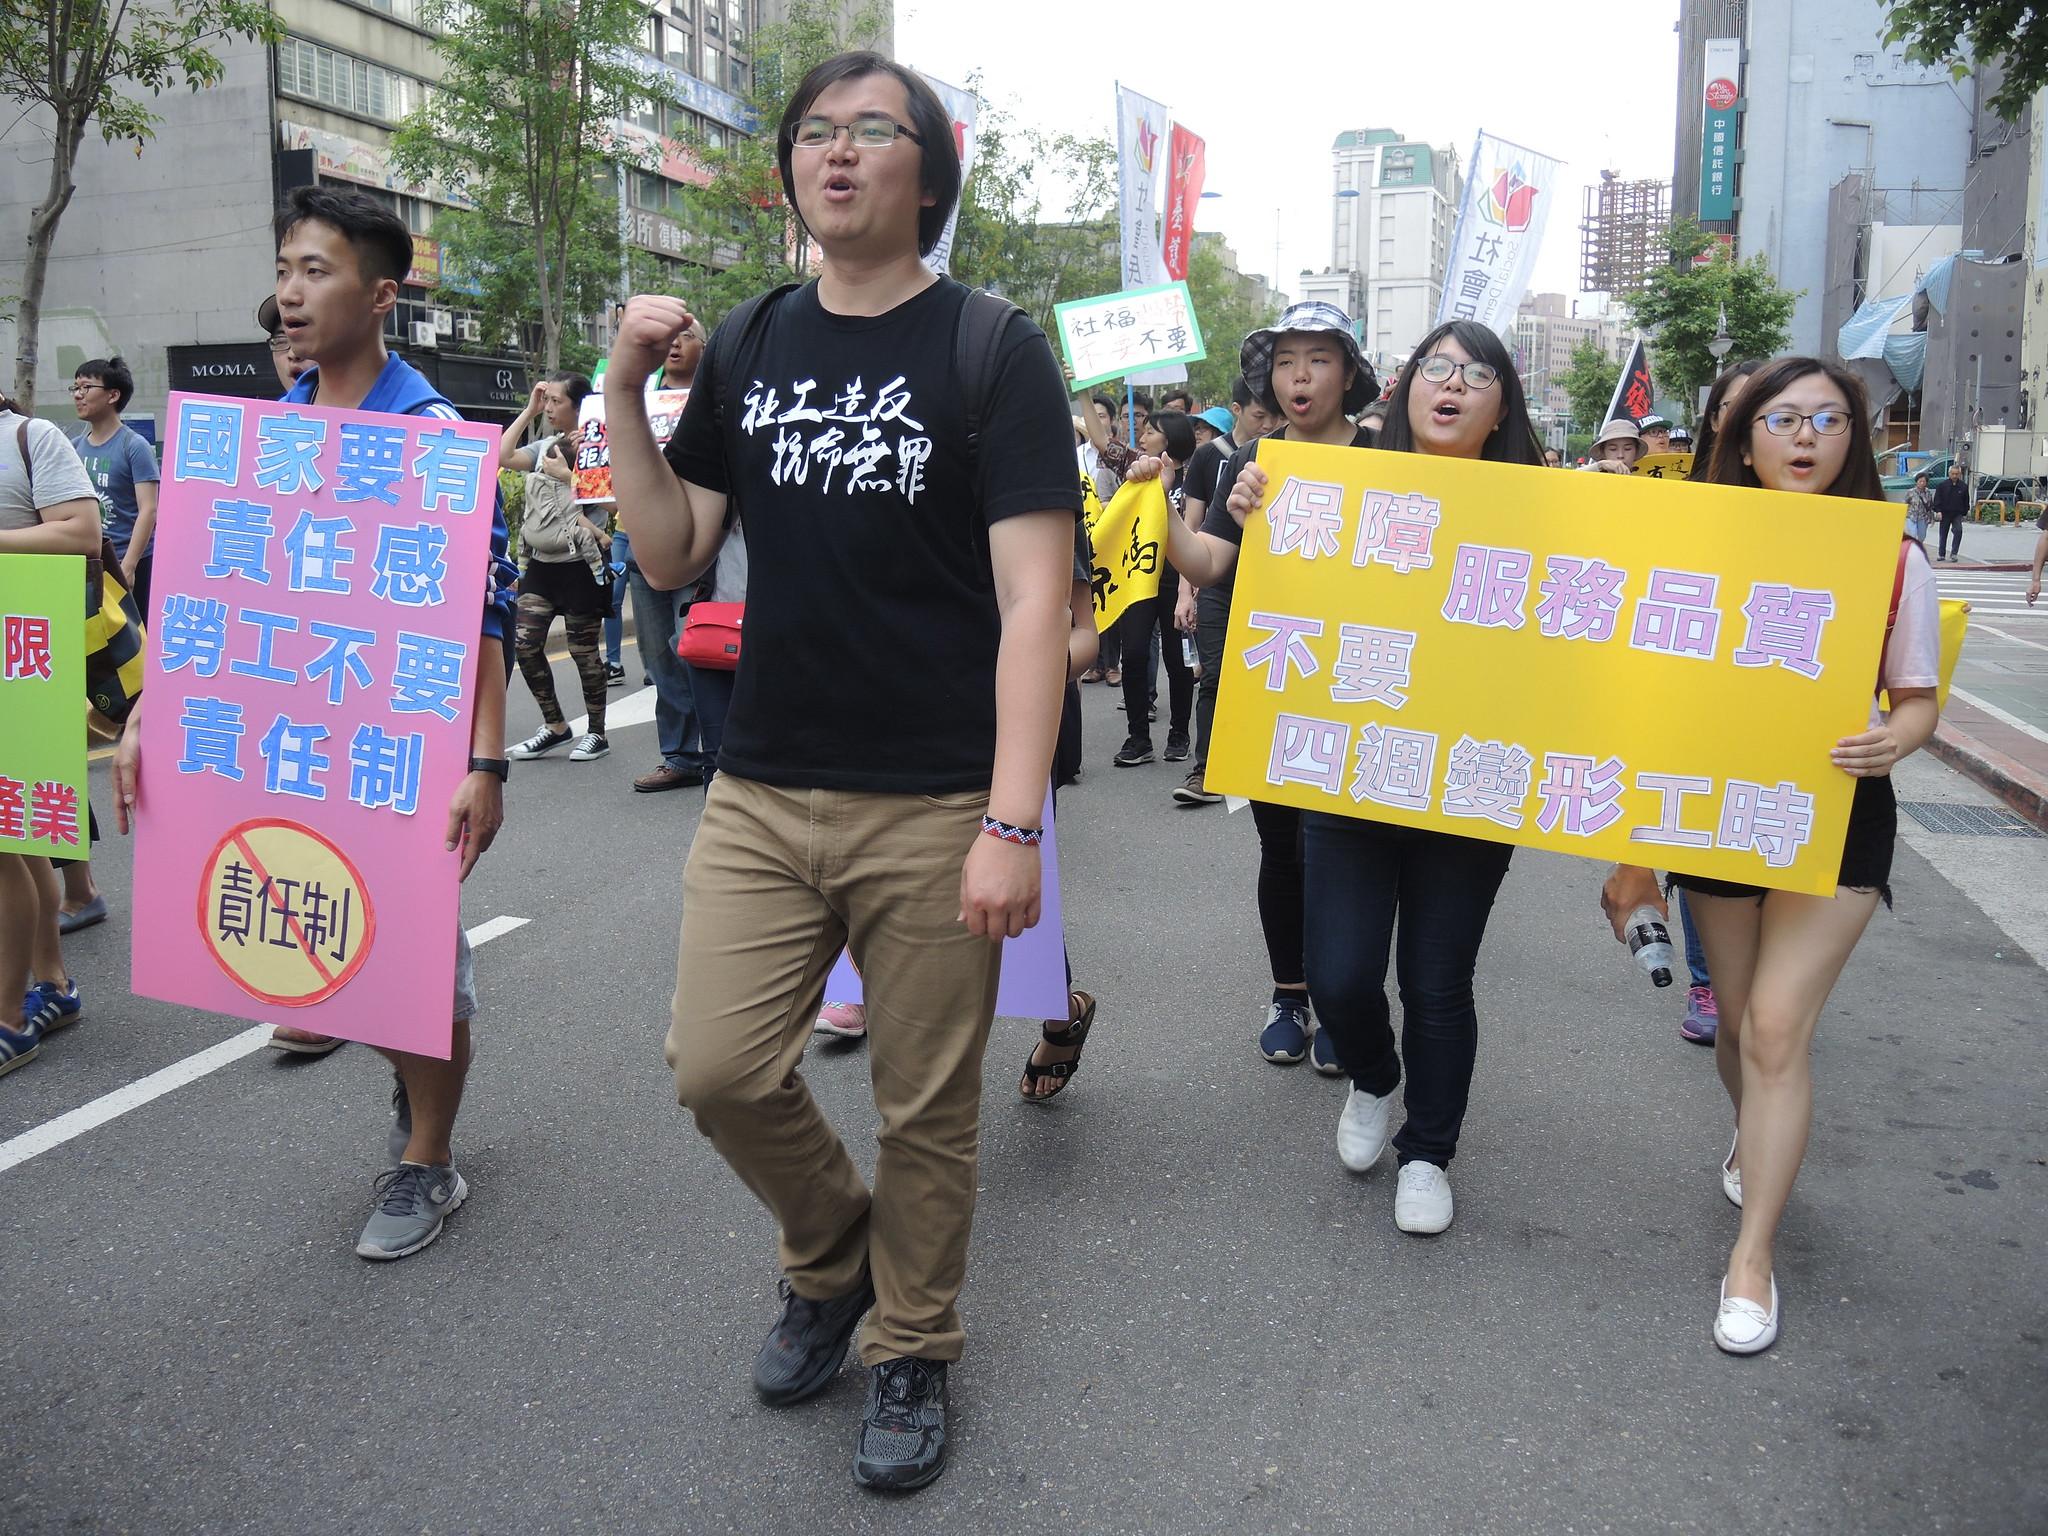 社工也參加五一遊行,籲政府增加社福支出。(攝影:曾福全)